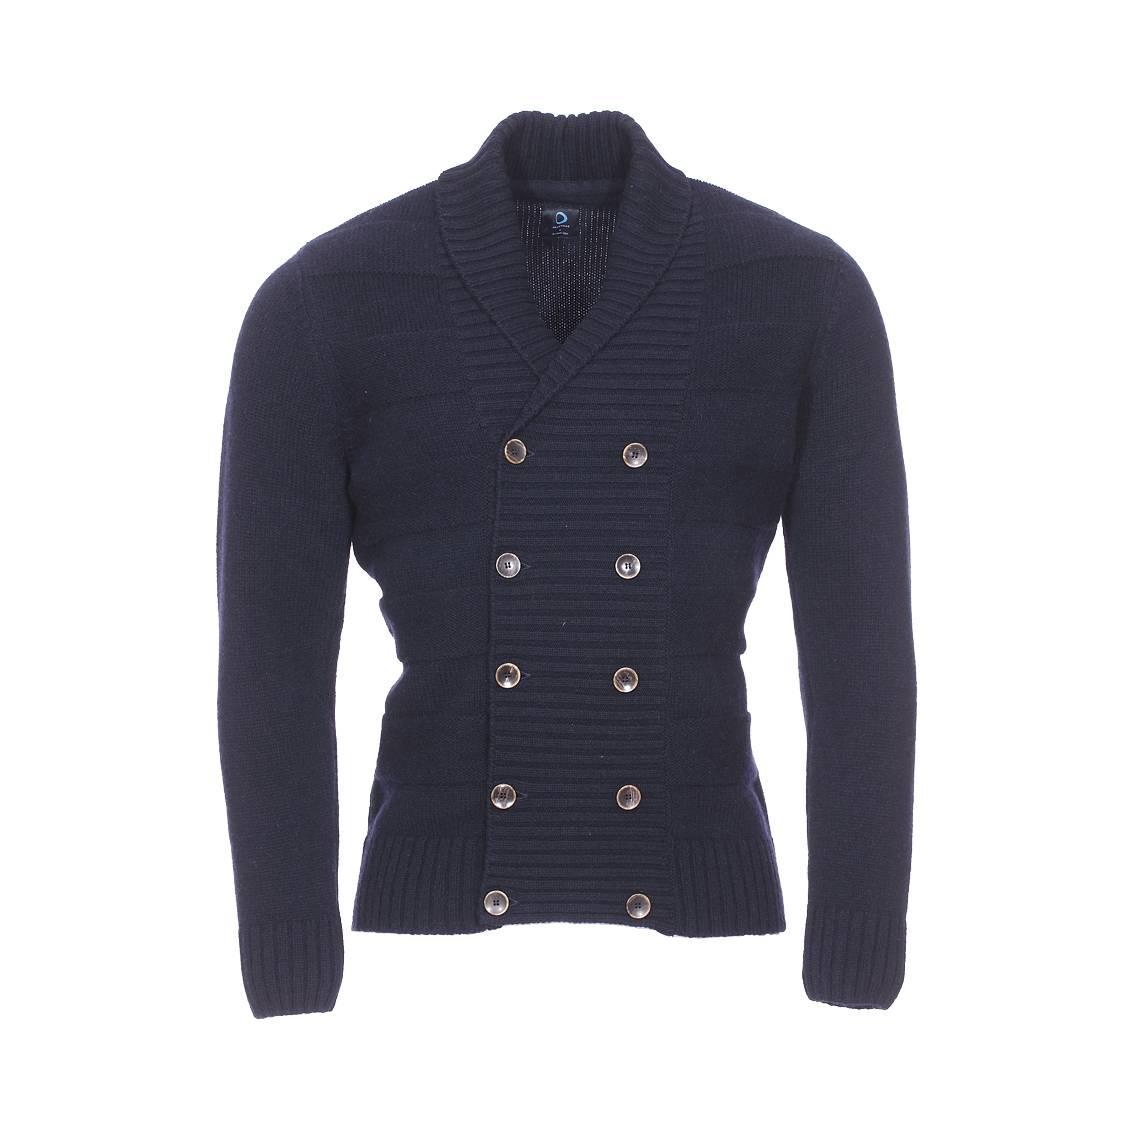 Gilet boutonné col châle Armor Lux en laine bleu marine à rayures bleu marine